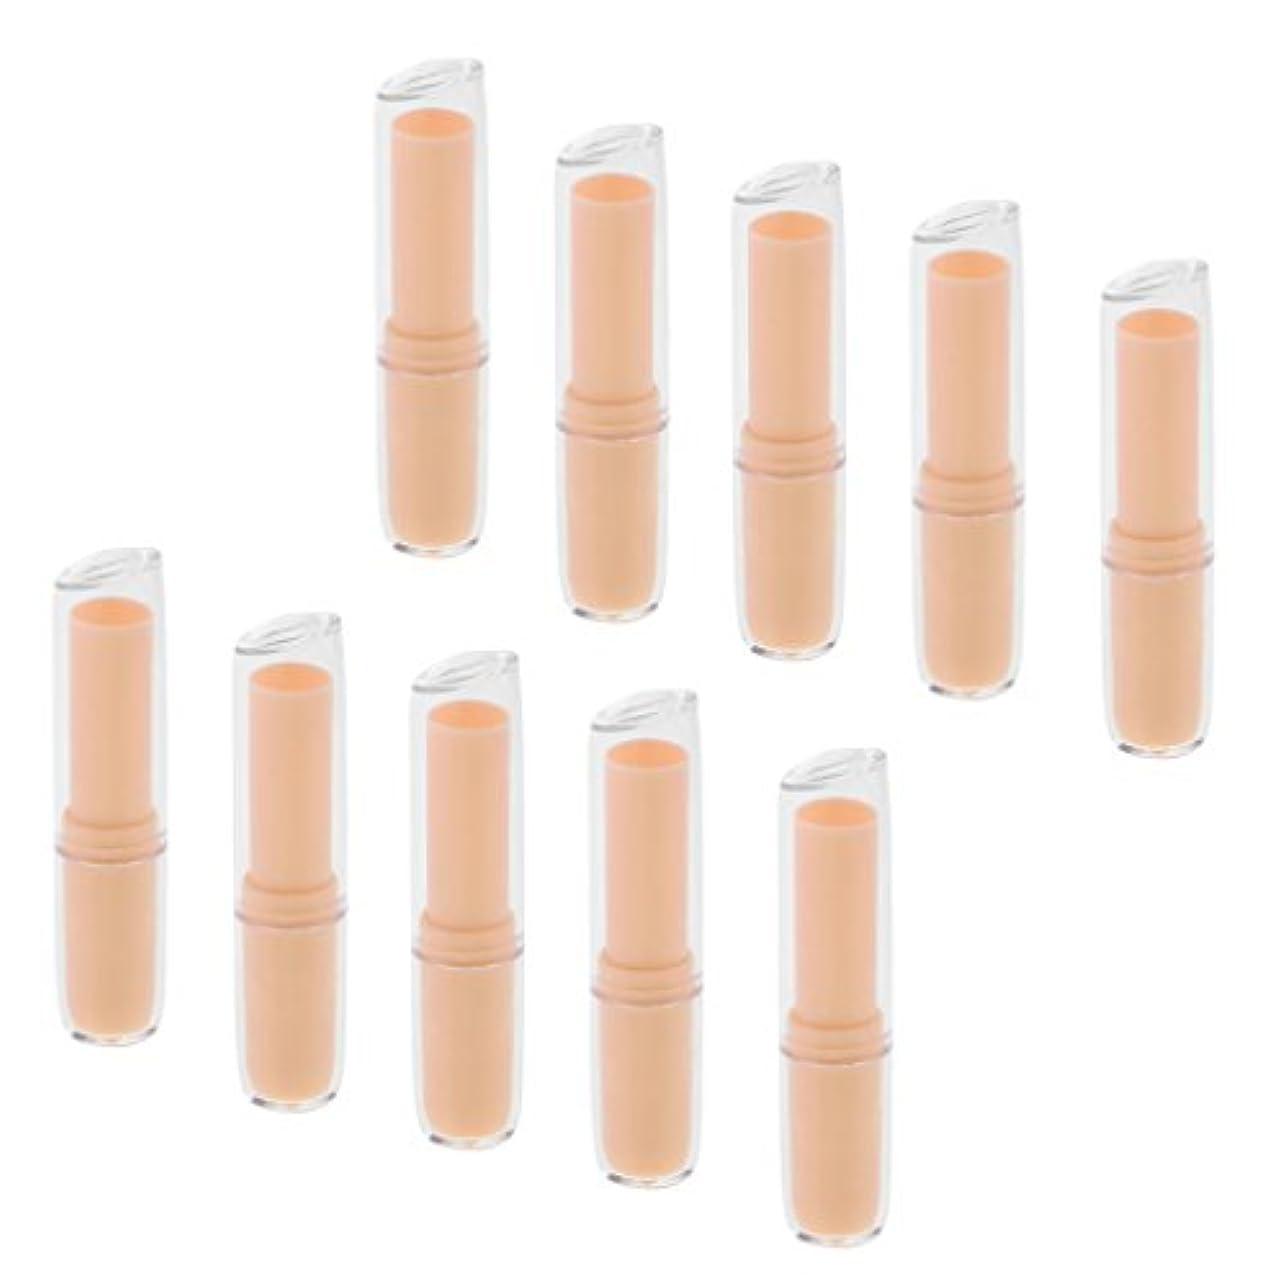 くそー夢中愛撫10個の空の口紅チューブリップクリーム容器DIY化粧品メイクアップツール - オレンジ